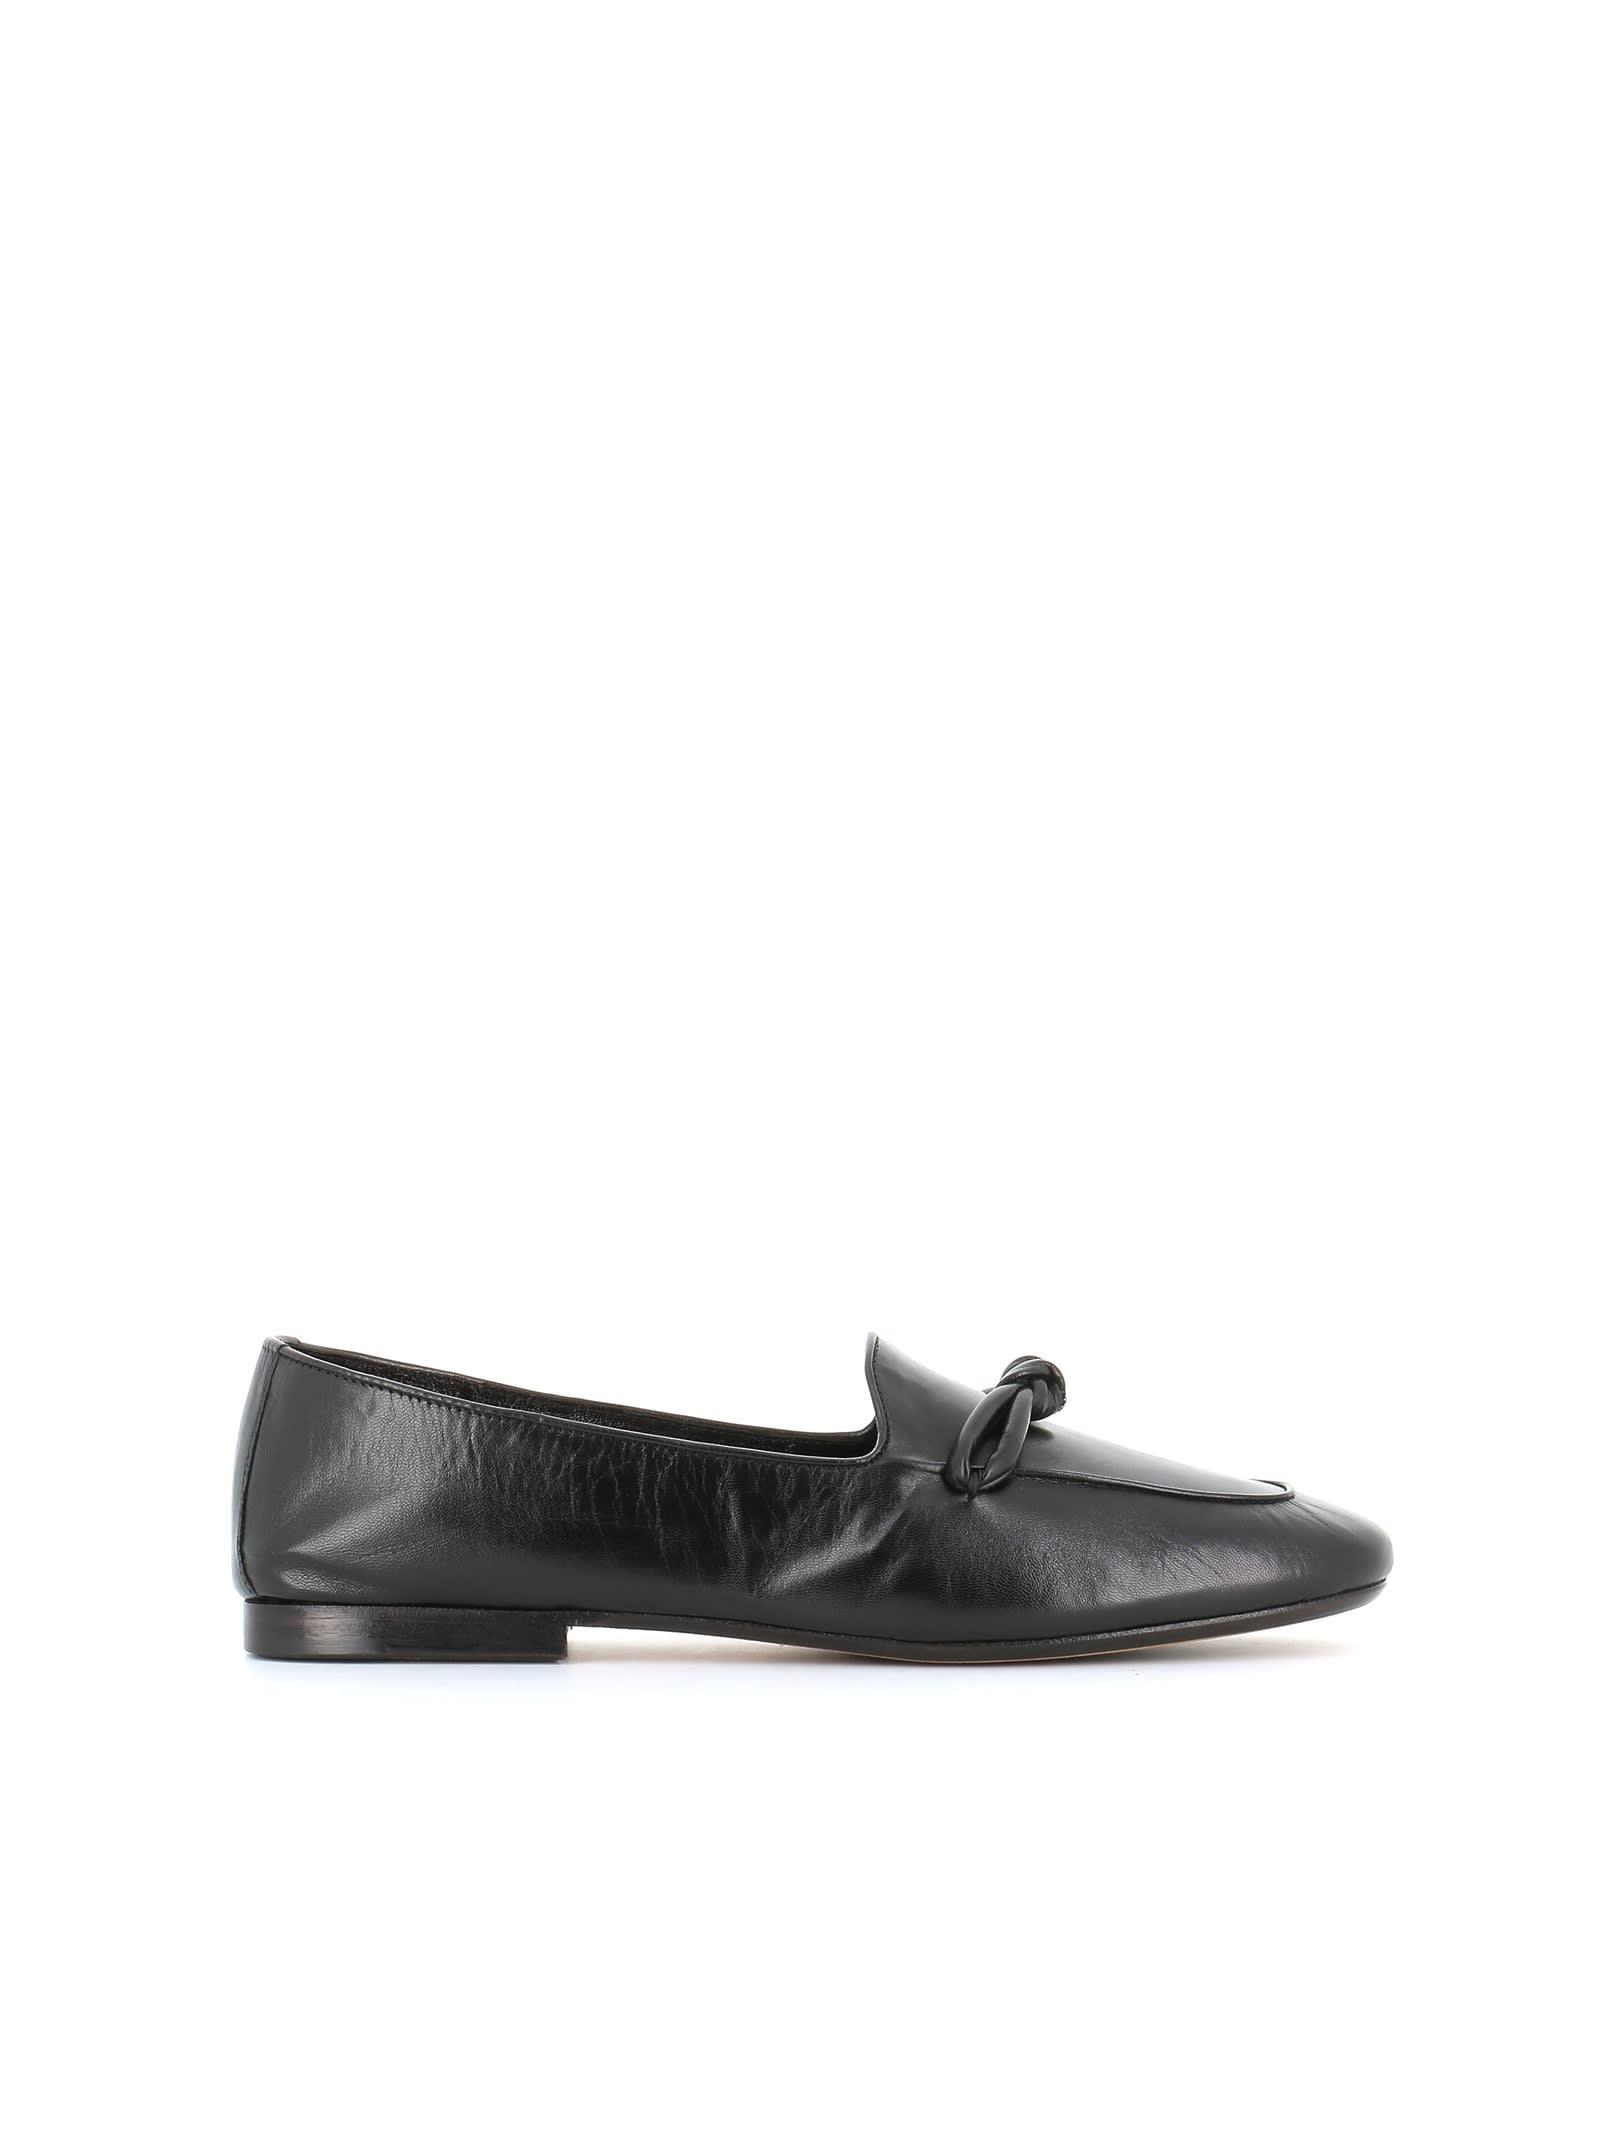 Henderson Baracco Loafer Greta In Black